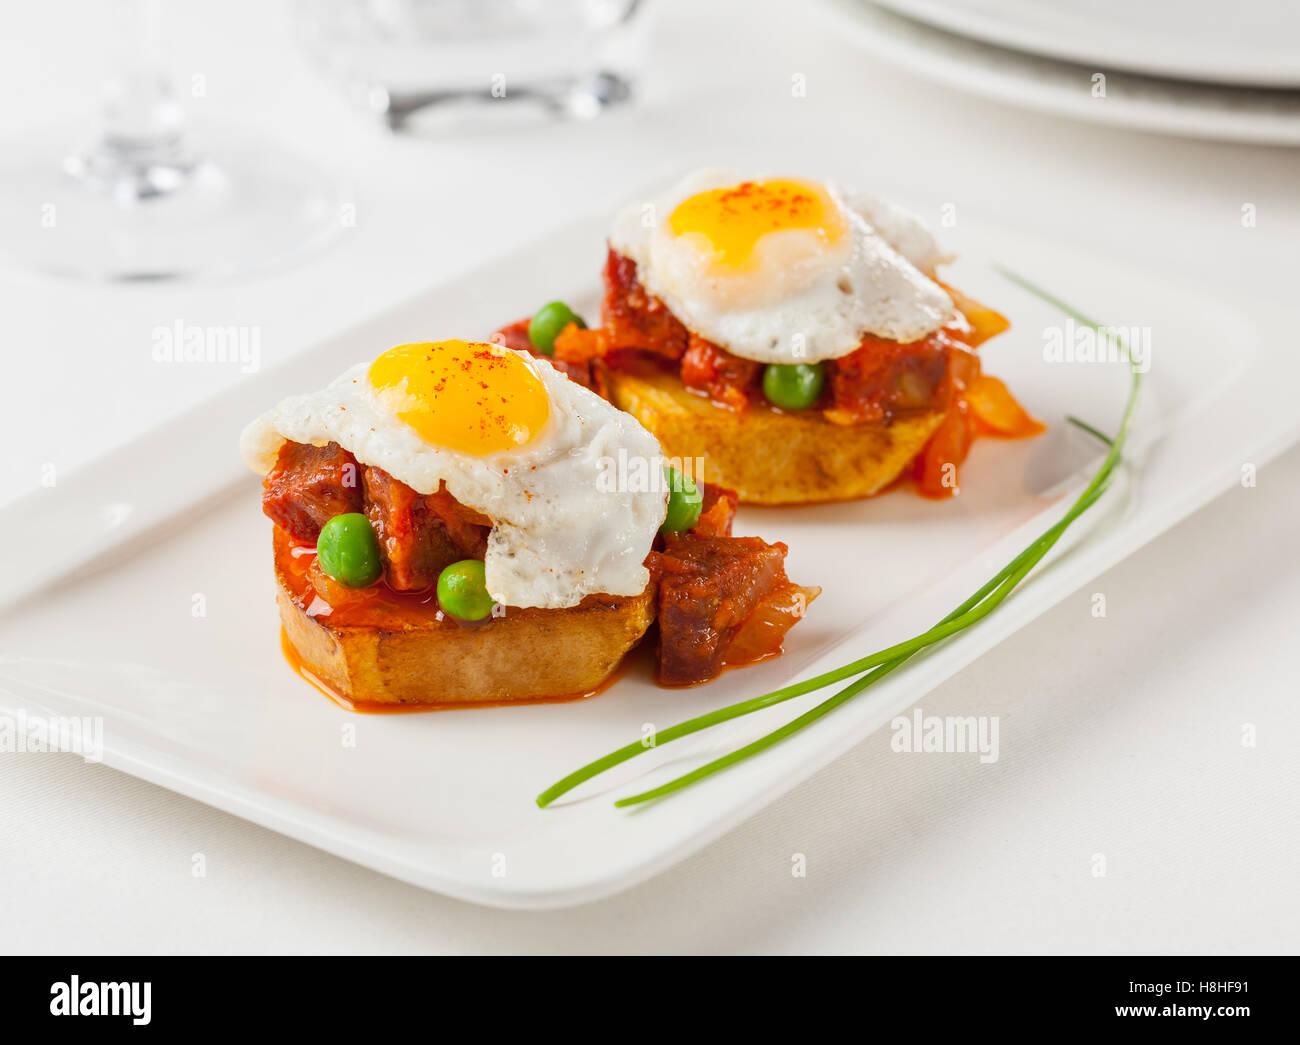 Chorizo y huevo frito sobre una rodaja de patata. Pequeña placa de tapas para compartir. Imagen De Stock